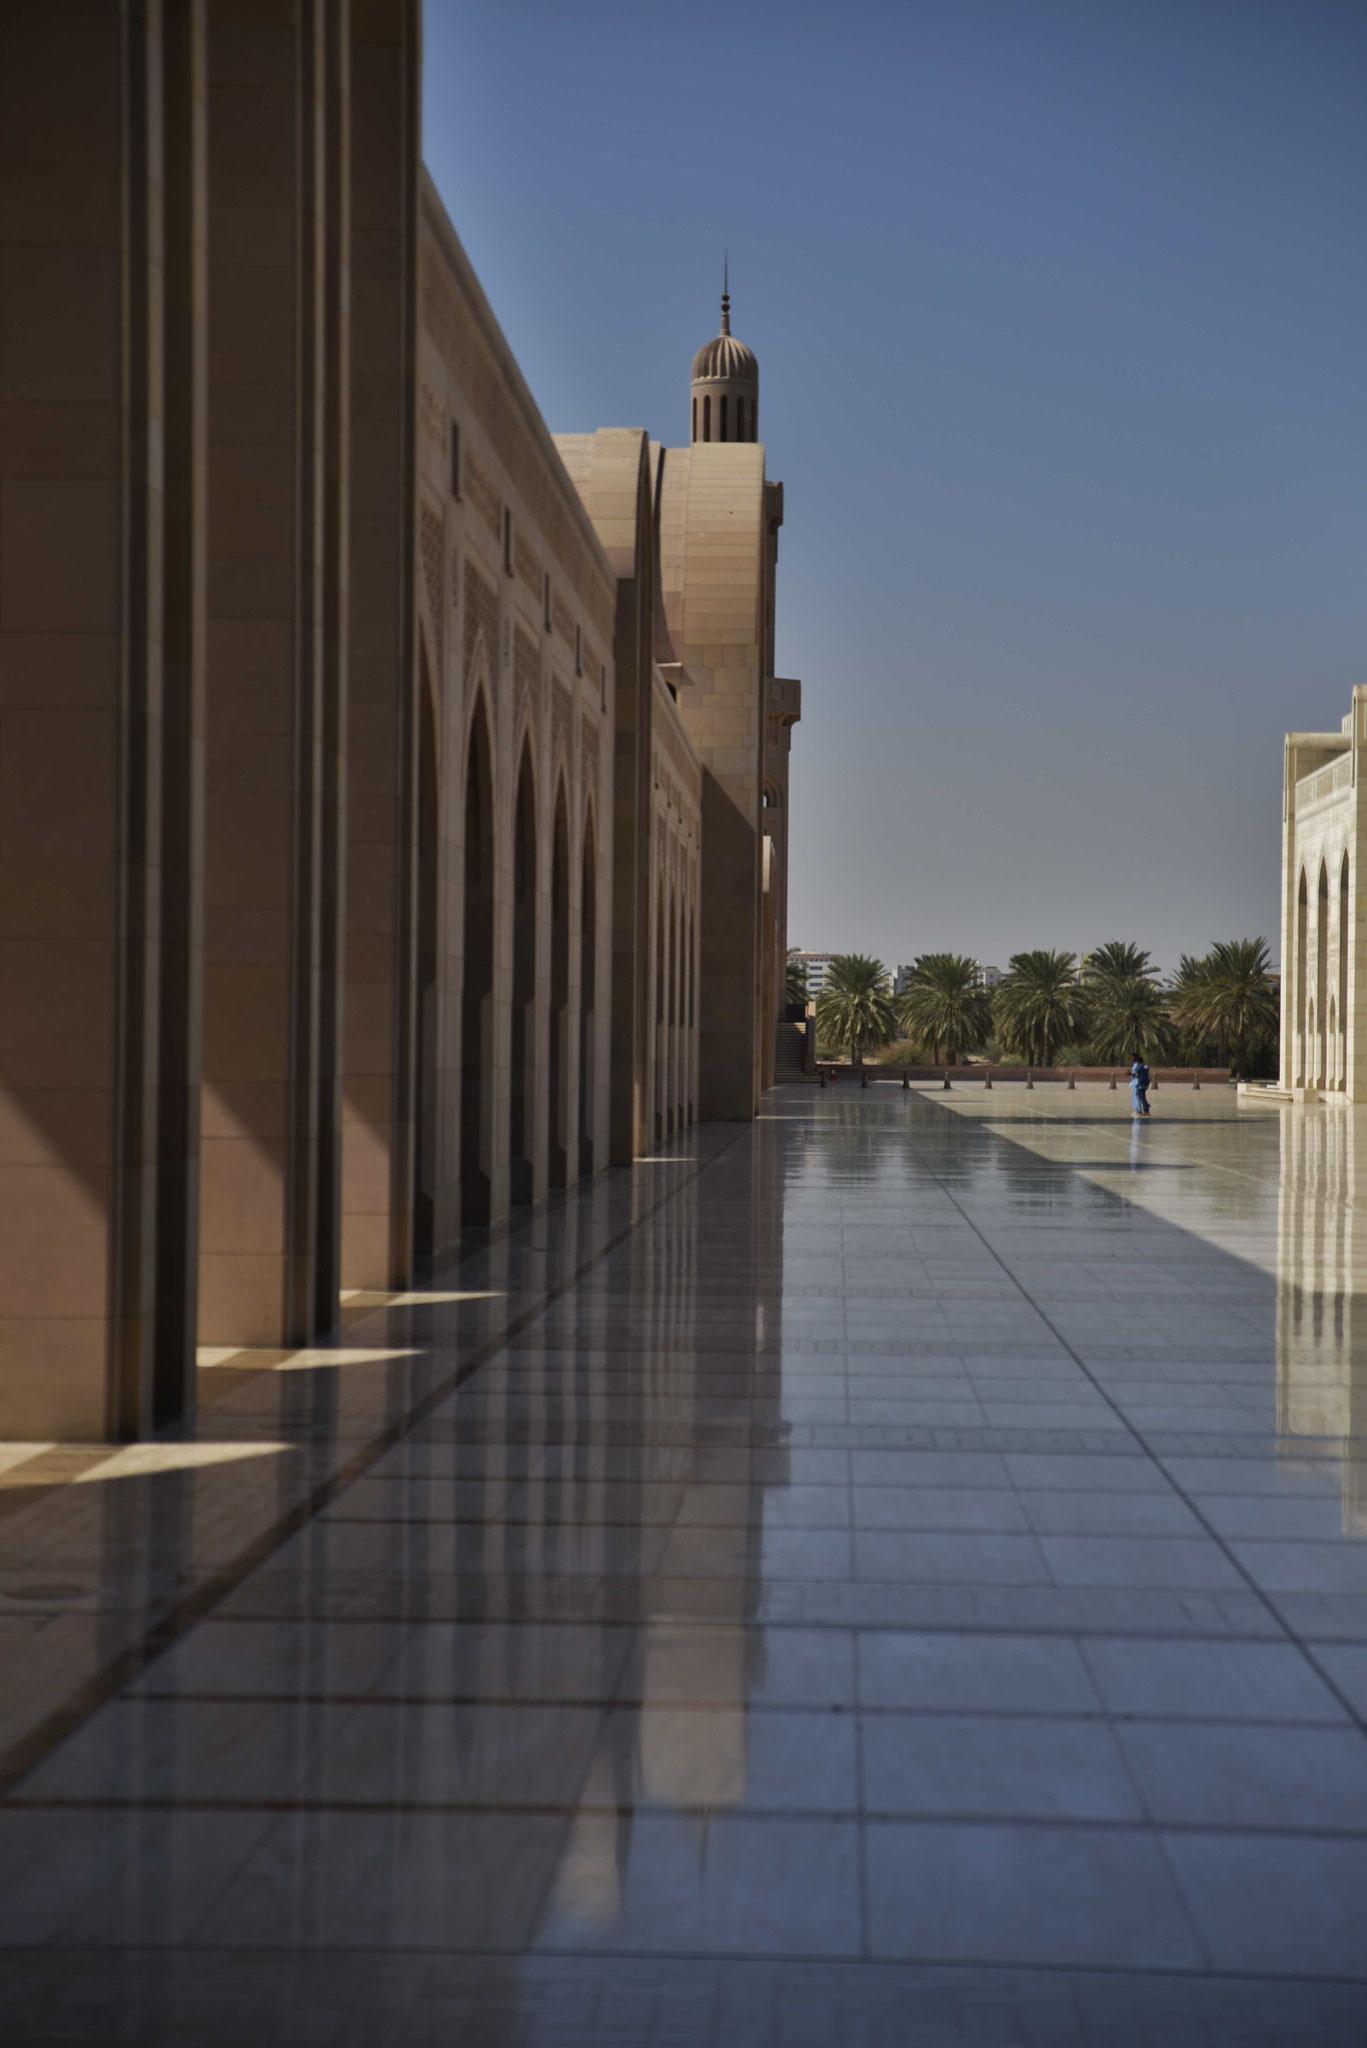 Selbst im Schatten spiegelt sich ein Säulengang!